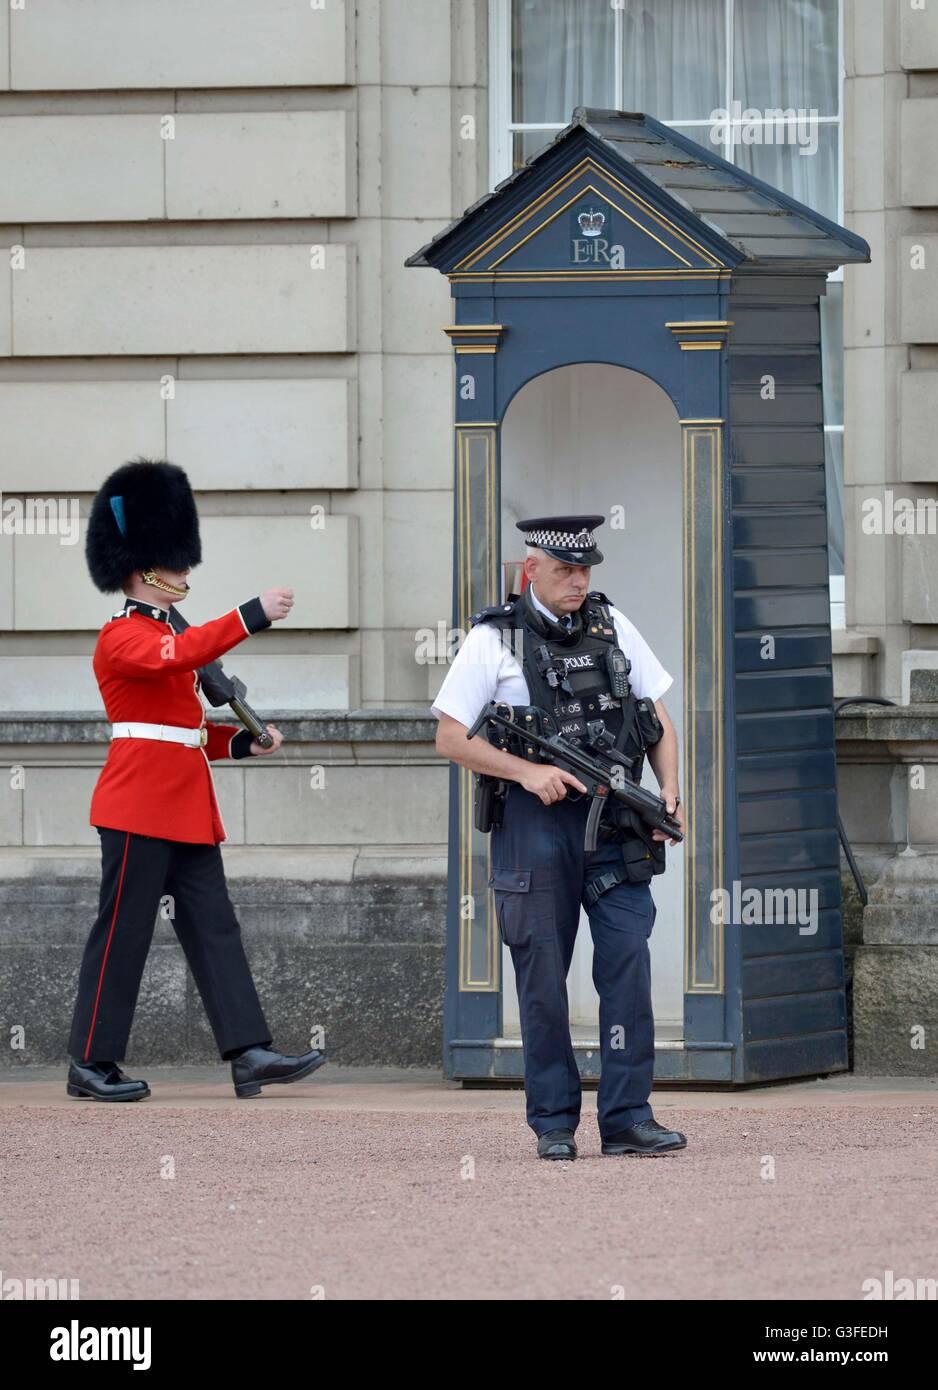 Police and Royal Guard at Buckingham Palace, London, Britain, UK Stock Photo